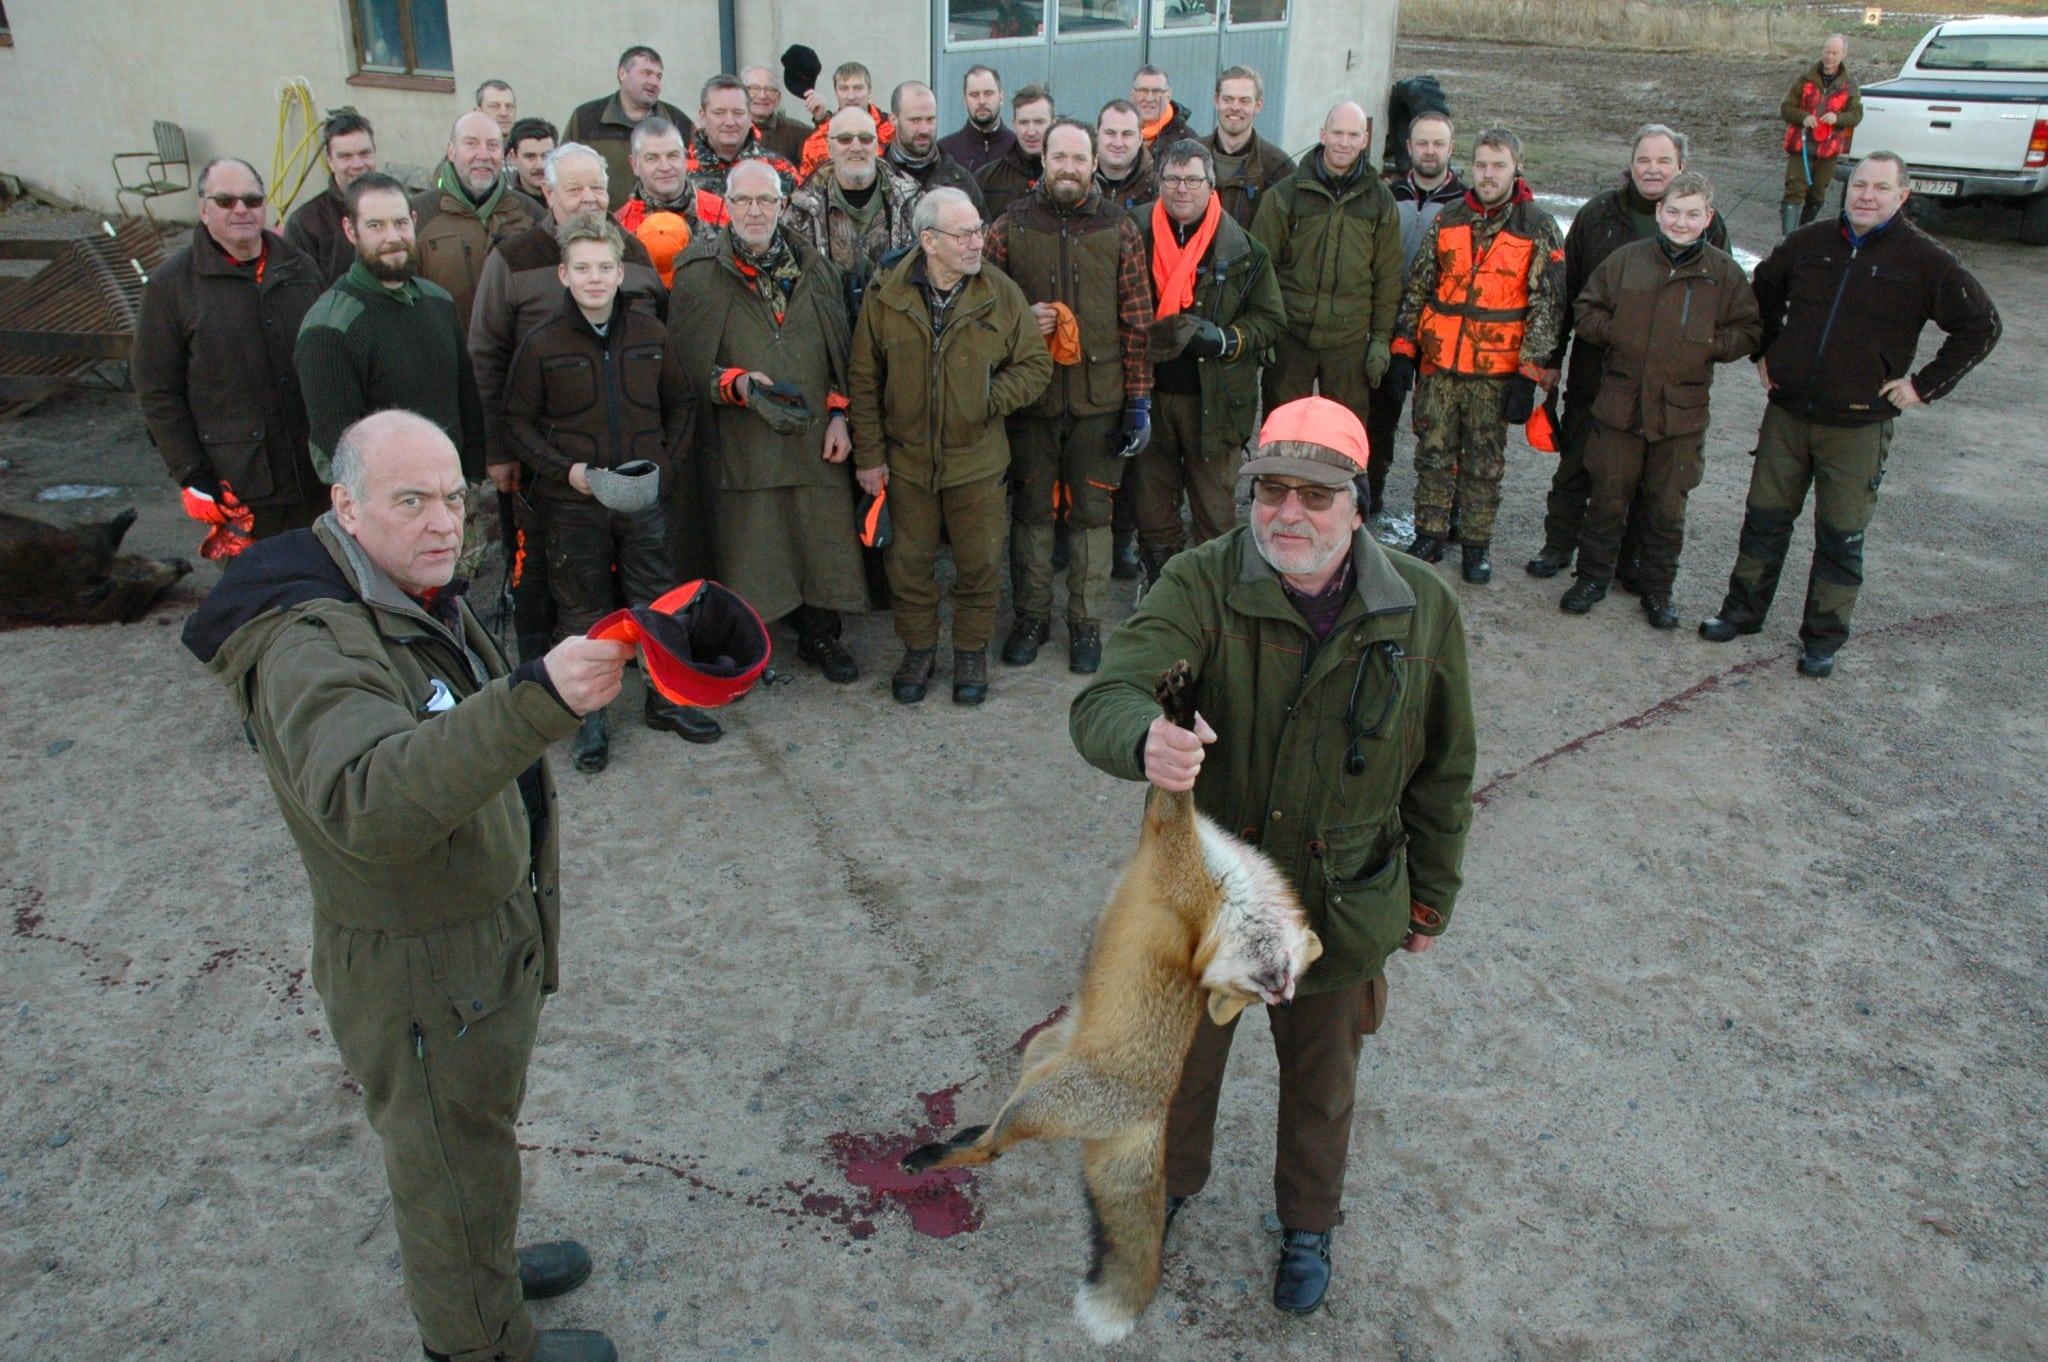 Klas Månsson gratulerar sin namne Klas Johansson för att ha fällt räv nummer 800 i området. Det var Klas första räv för säsongen, men det brukar bli några stycken varje år. Foto: Gunnar Nilsson